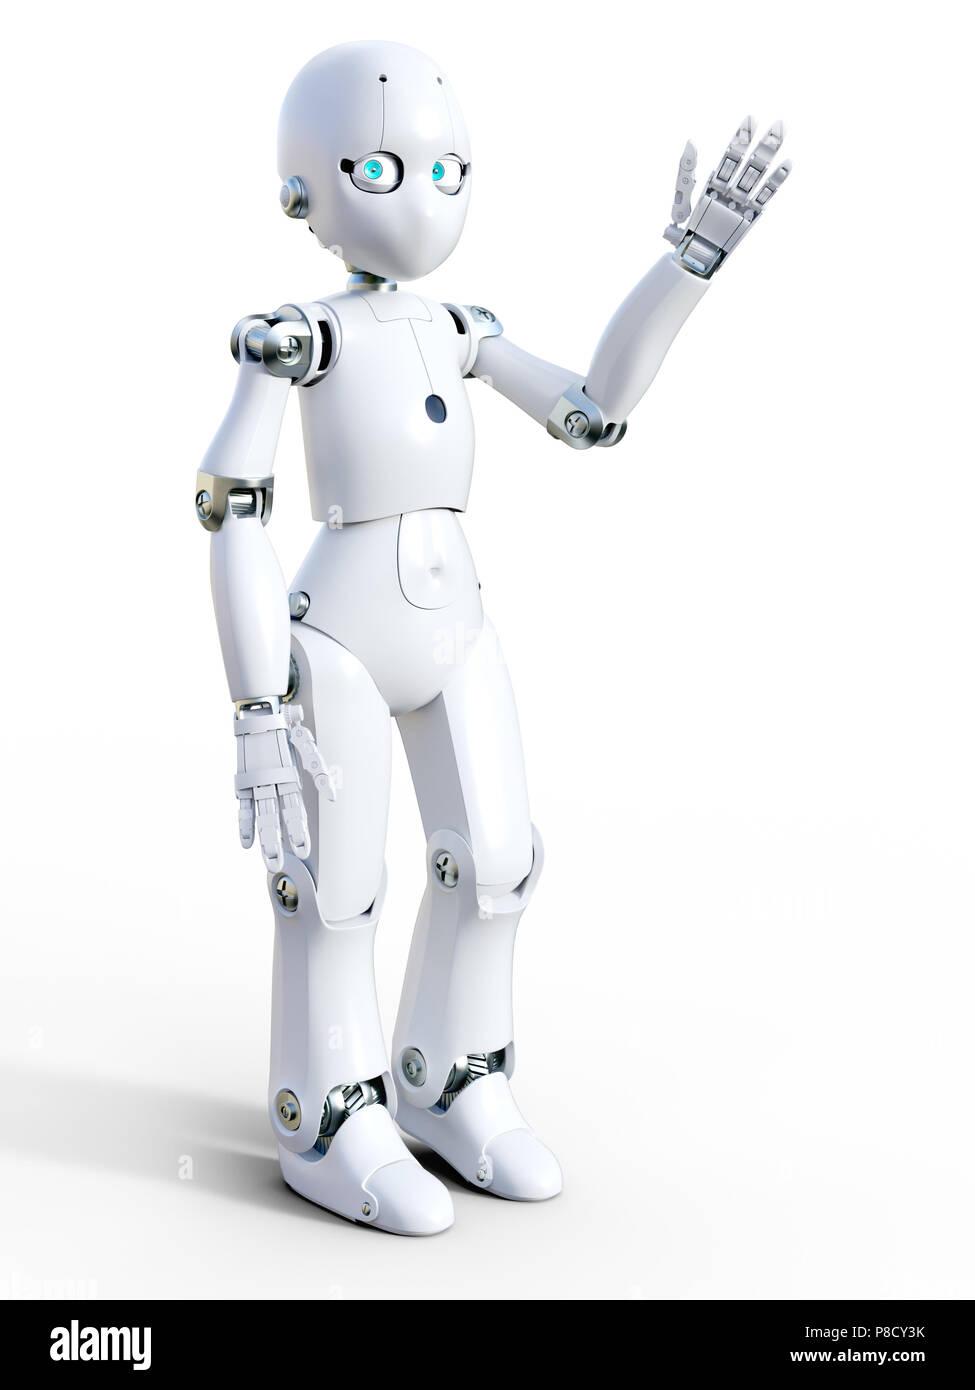 Dessin Sympa le rendu 3d d'un robot de dessin animé sympa blanc forme bonjour